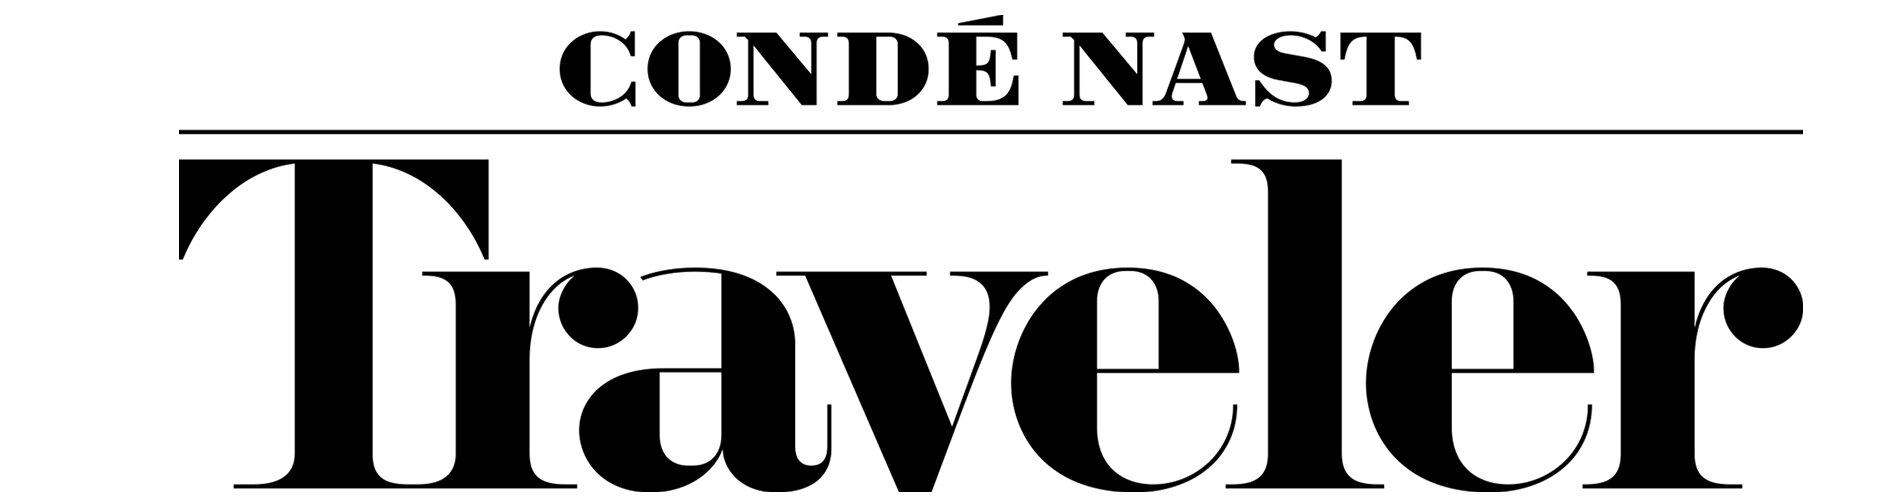 cntraveler-logo.jpg